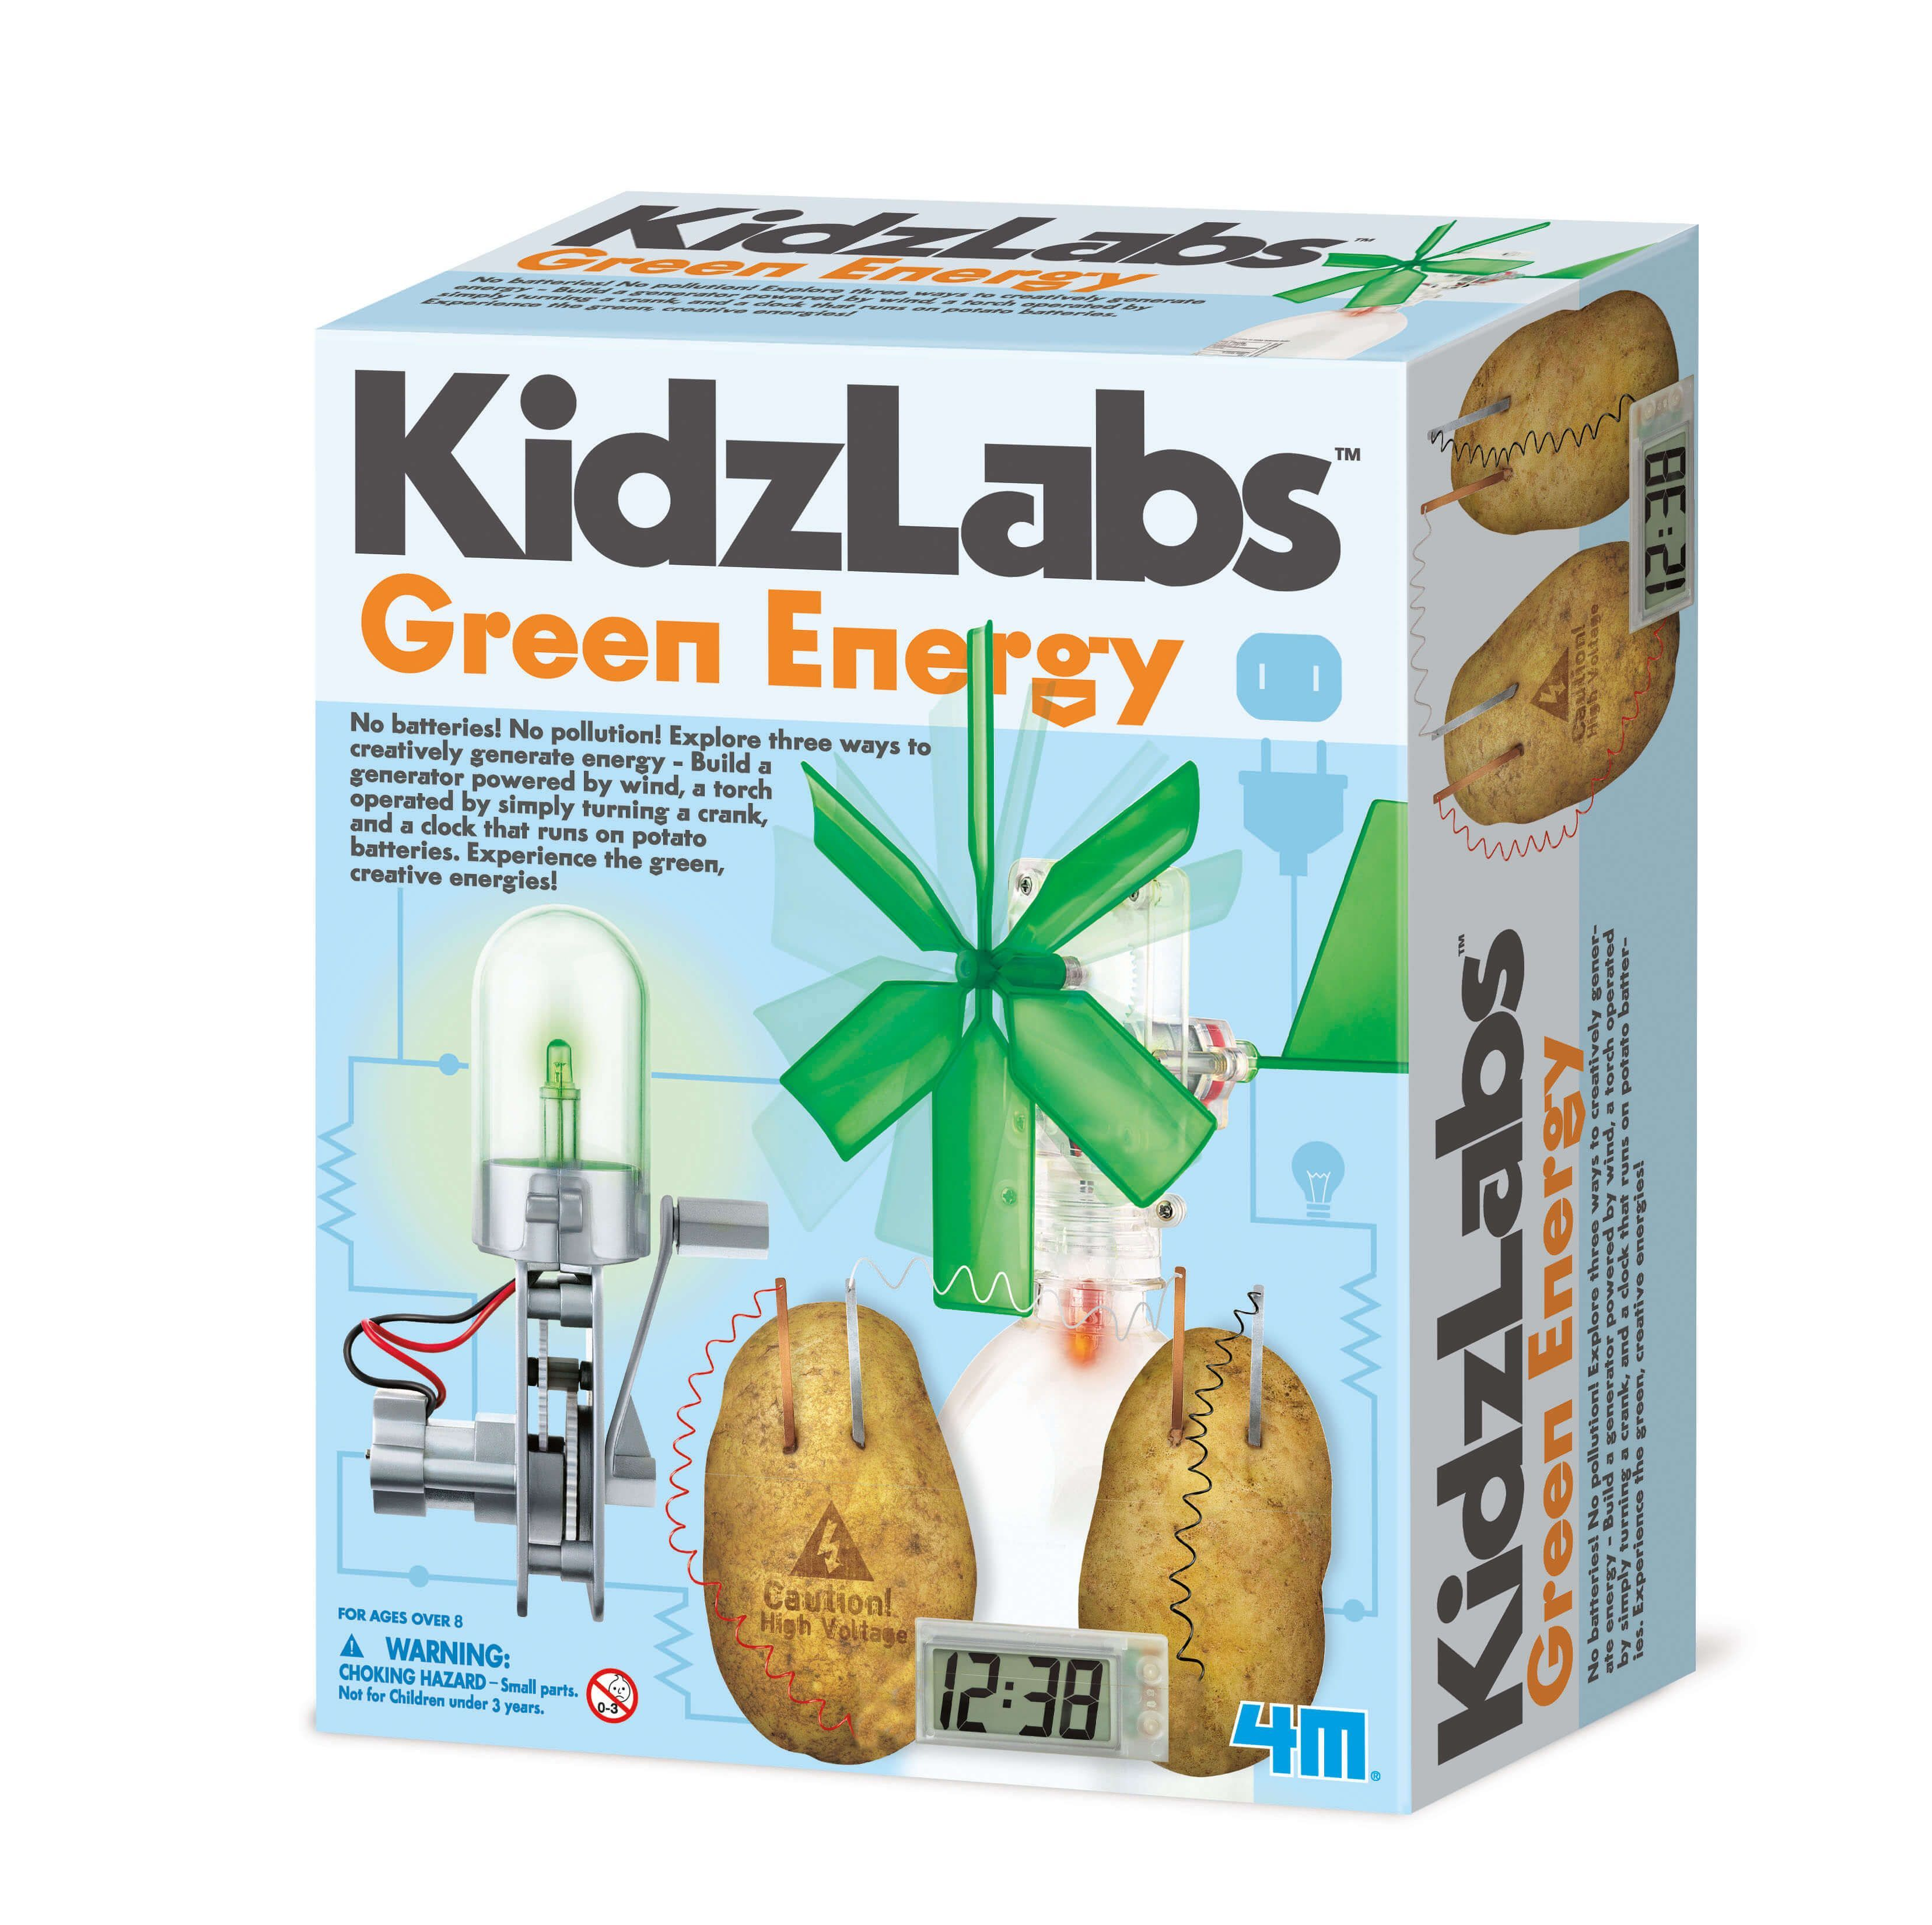 Image of Green Energy fra 4M KidzLabs - Skab Grøn Energi på 3 måder (4M-5531)